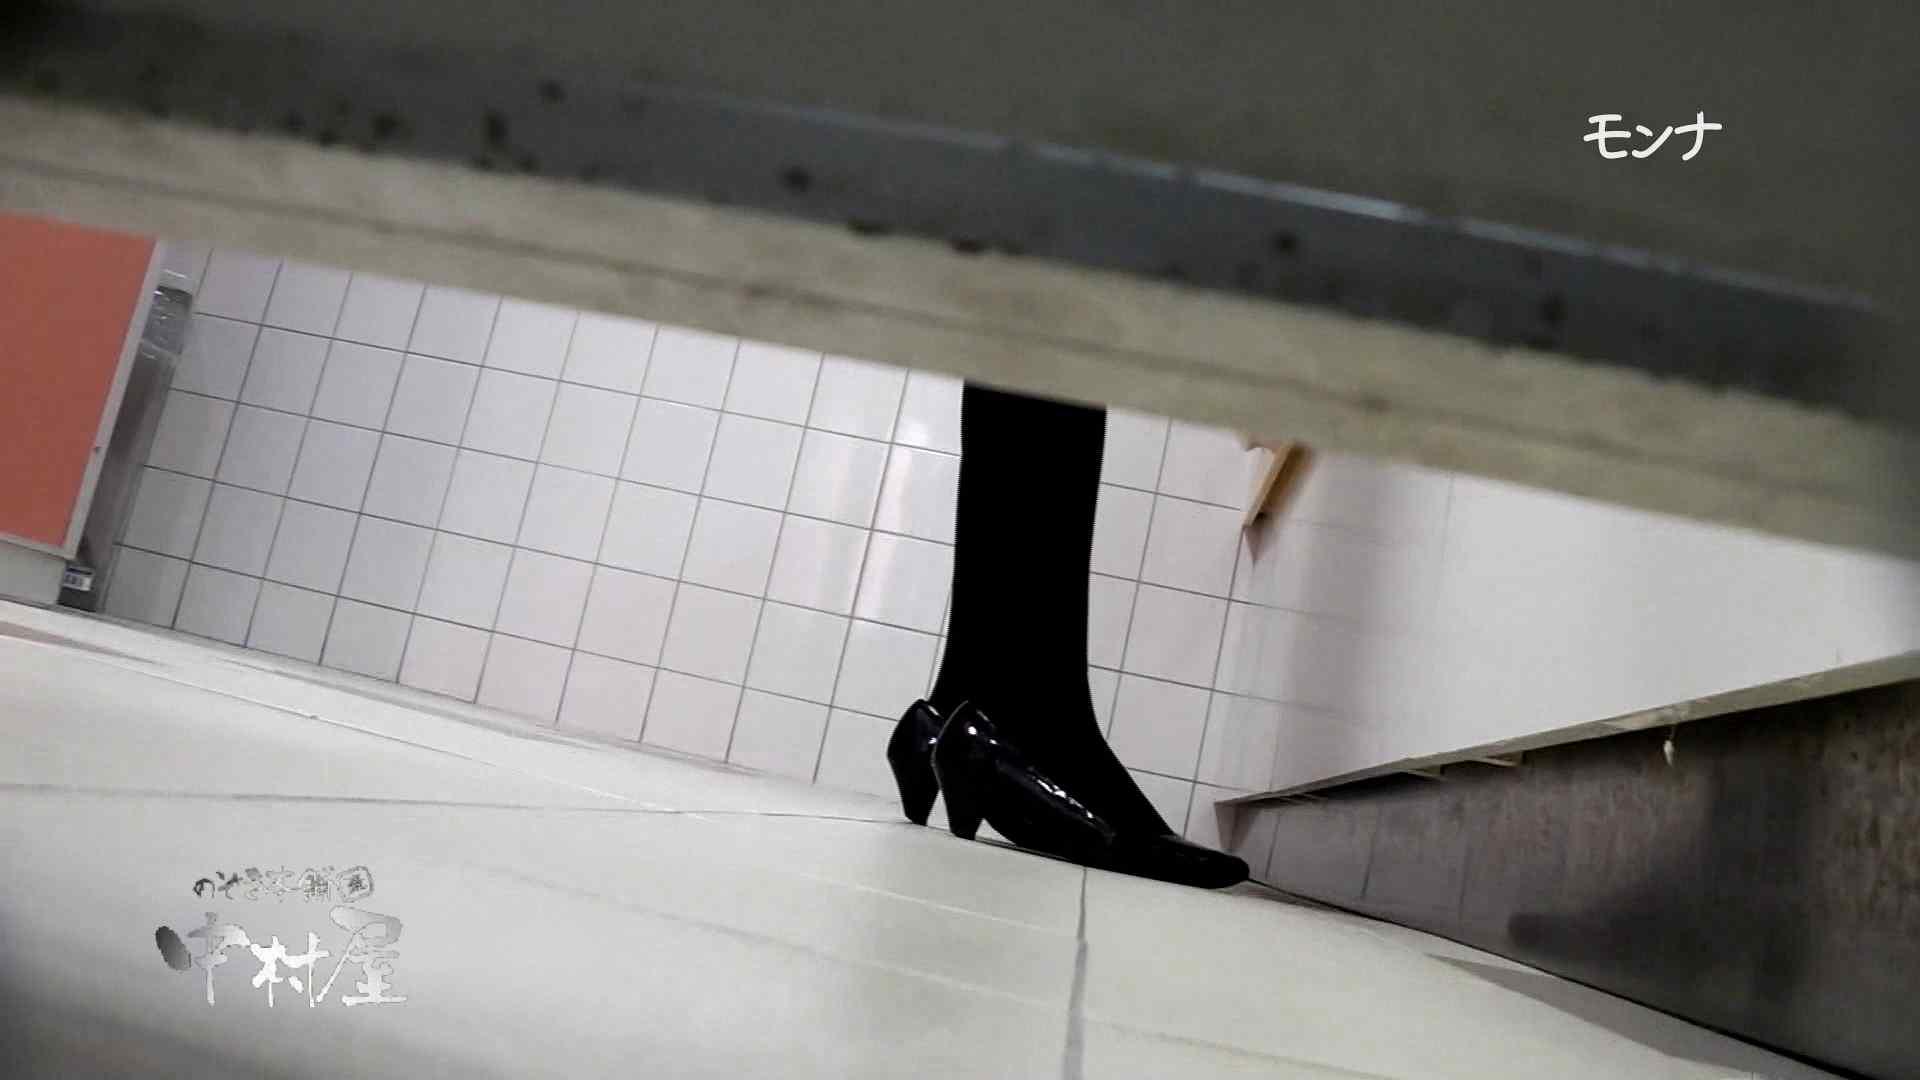 【美しい日本の未来】新学期!!下半身中心に攻めてます美女可愛い女子悪戯盗satuトイレ後編 トイレ流出 | 悪戯  82連発 13